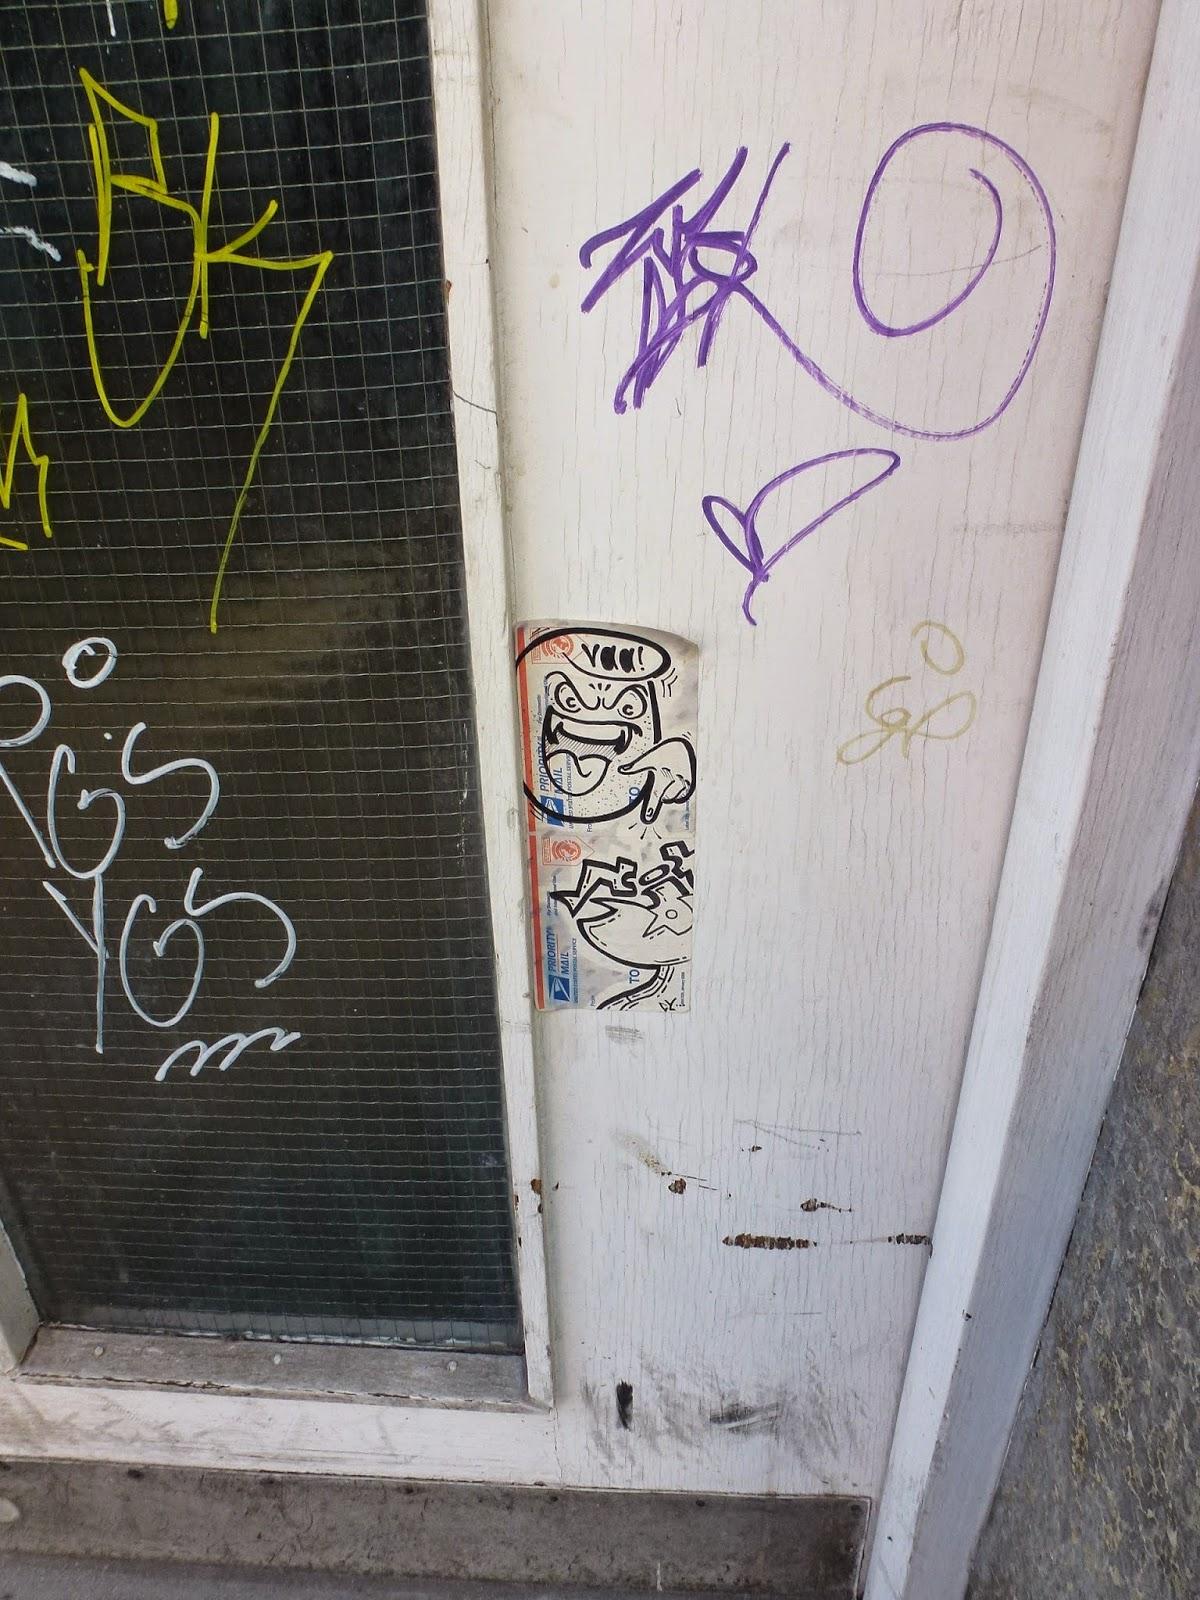 Sticker, Streetart, Graffiti